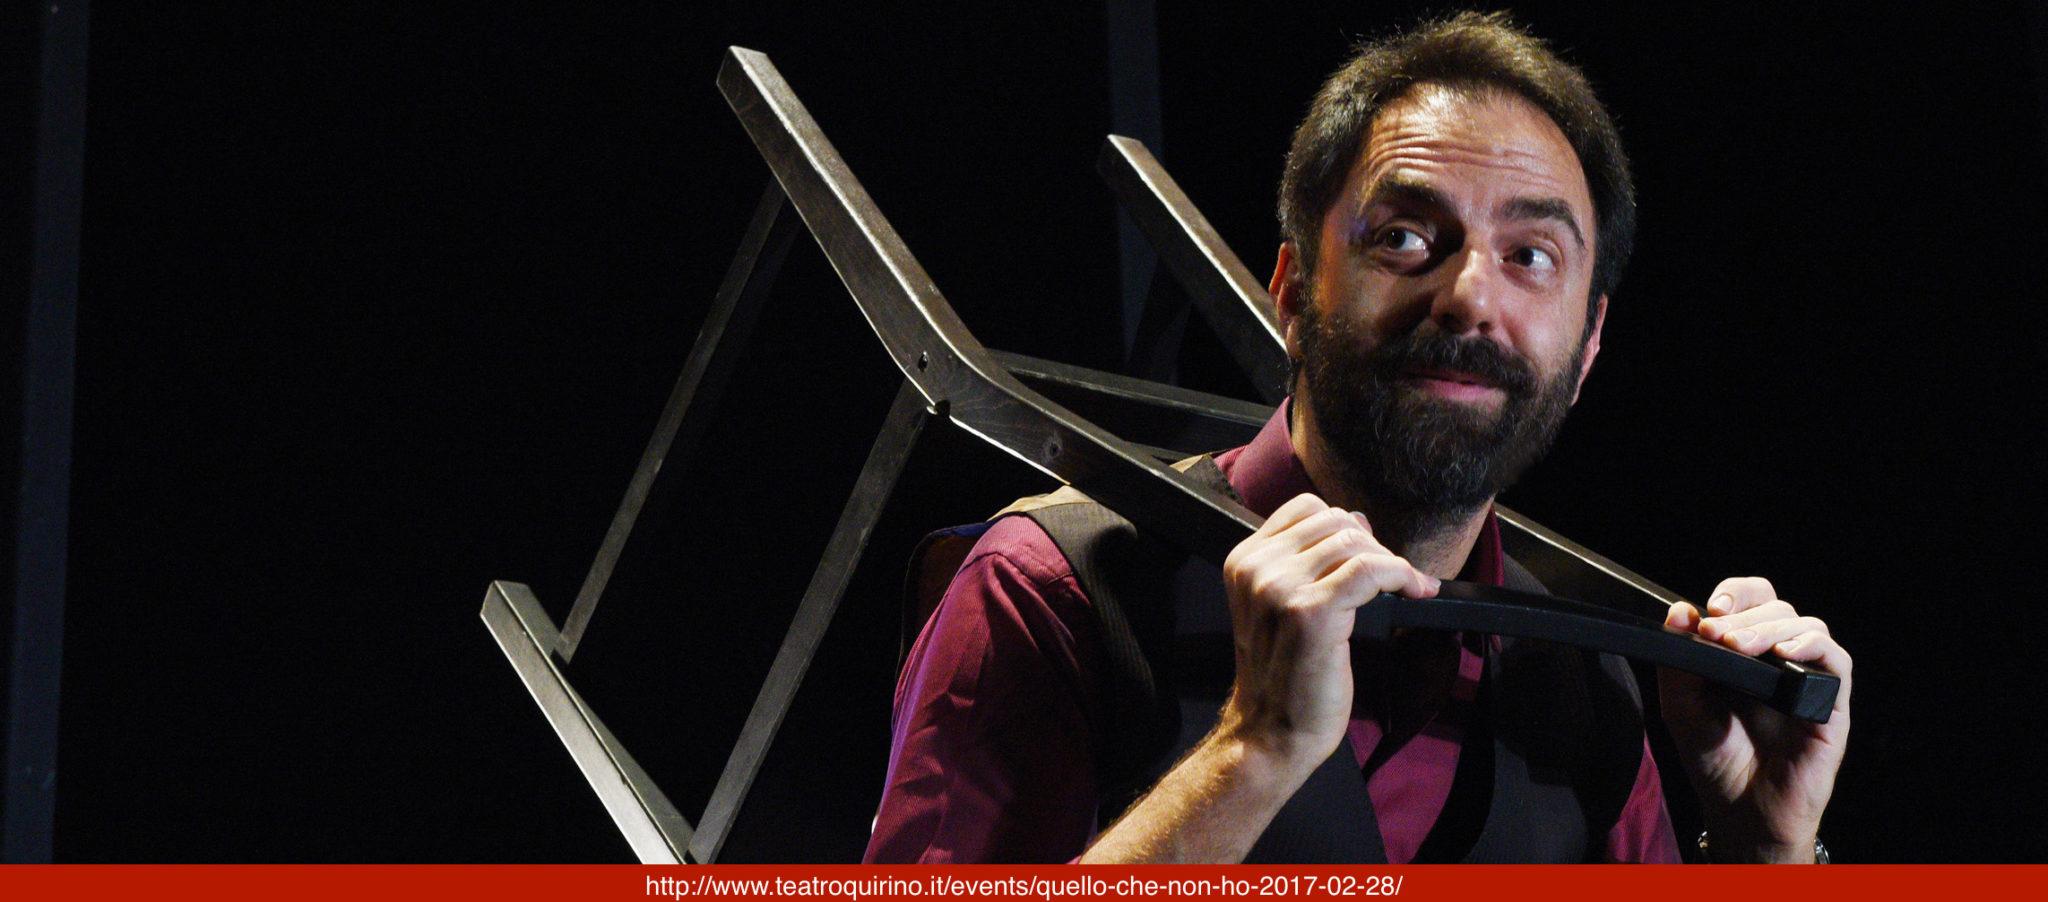 QUELLO CHE NON HO di Neri Marcorè, drammaturgia e regia di Giorgio Gallione